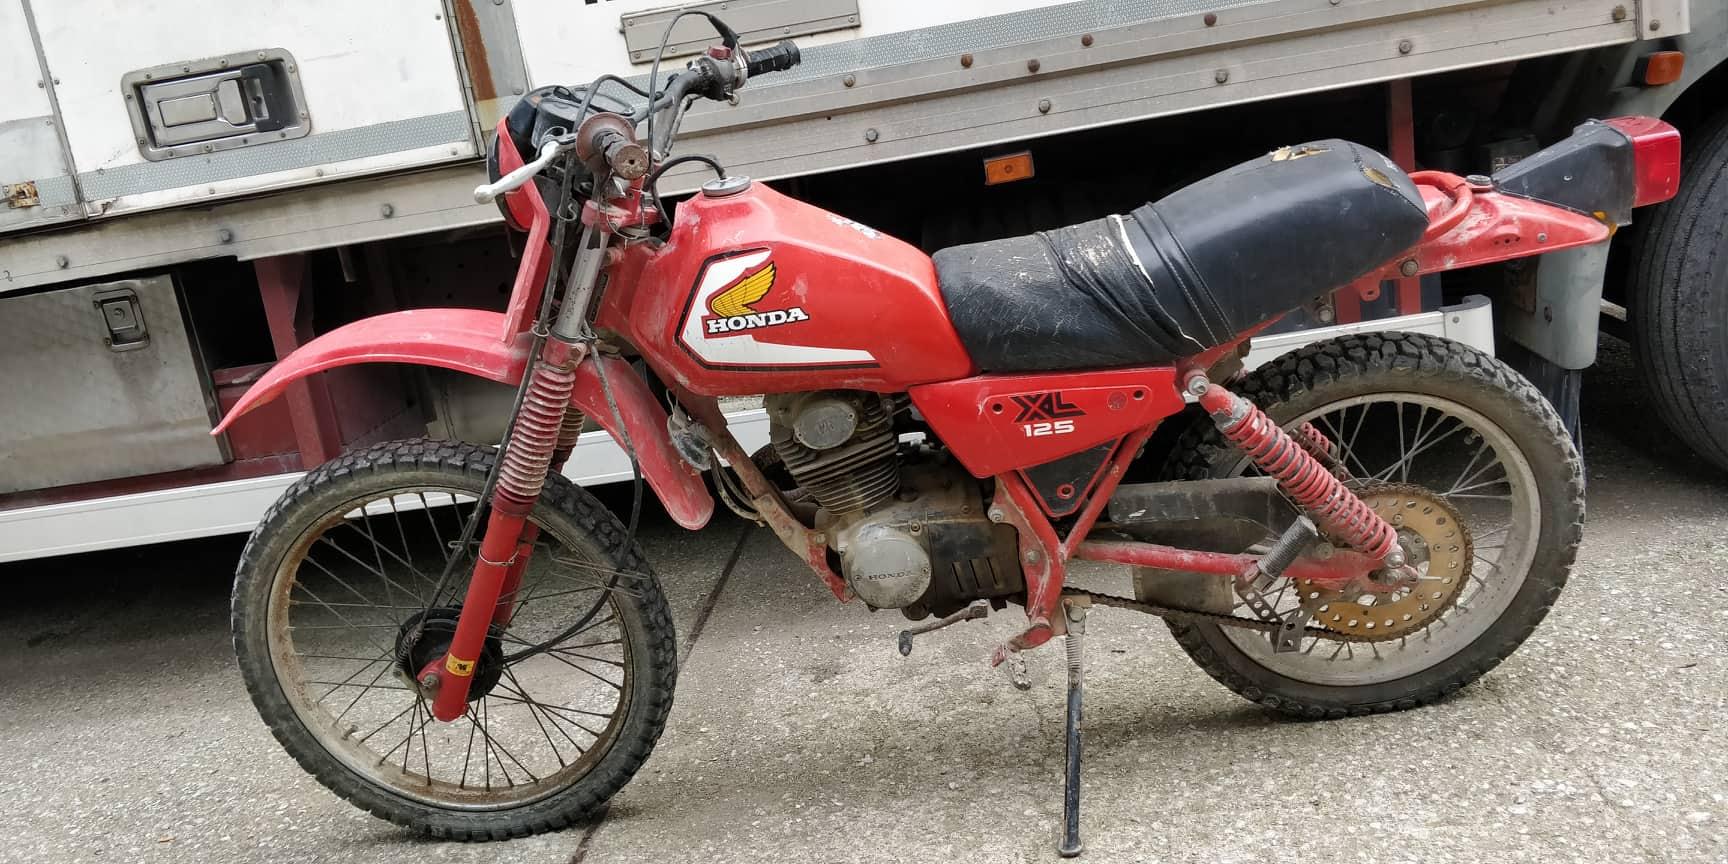 Honda xl 125 ricambi